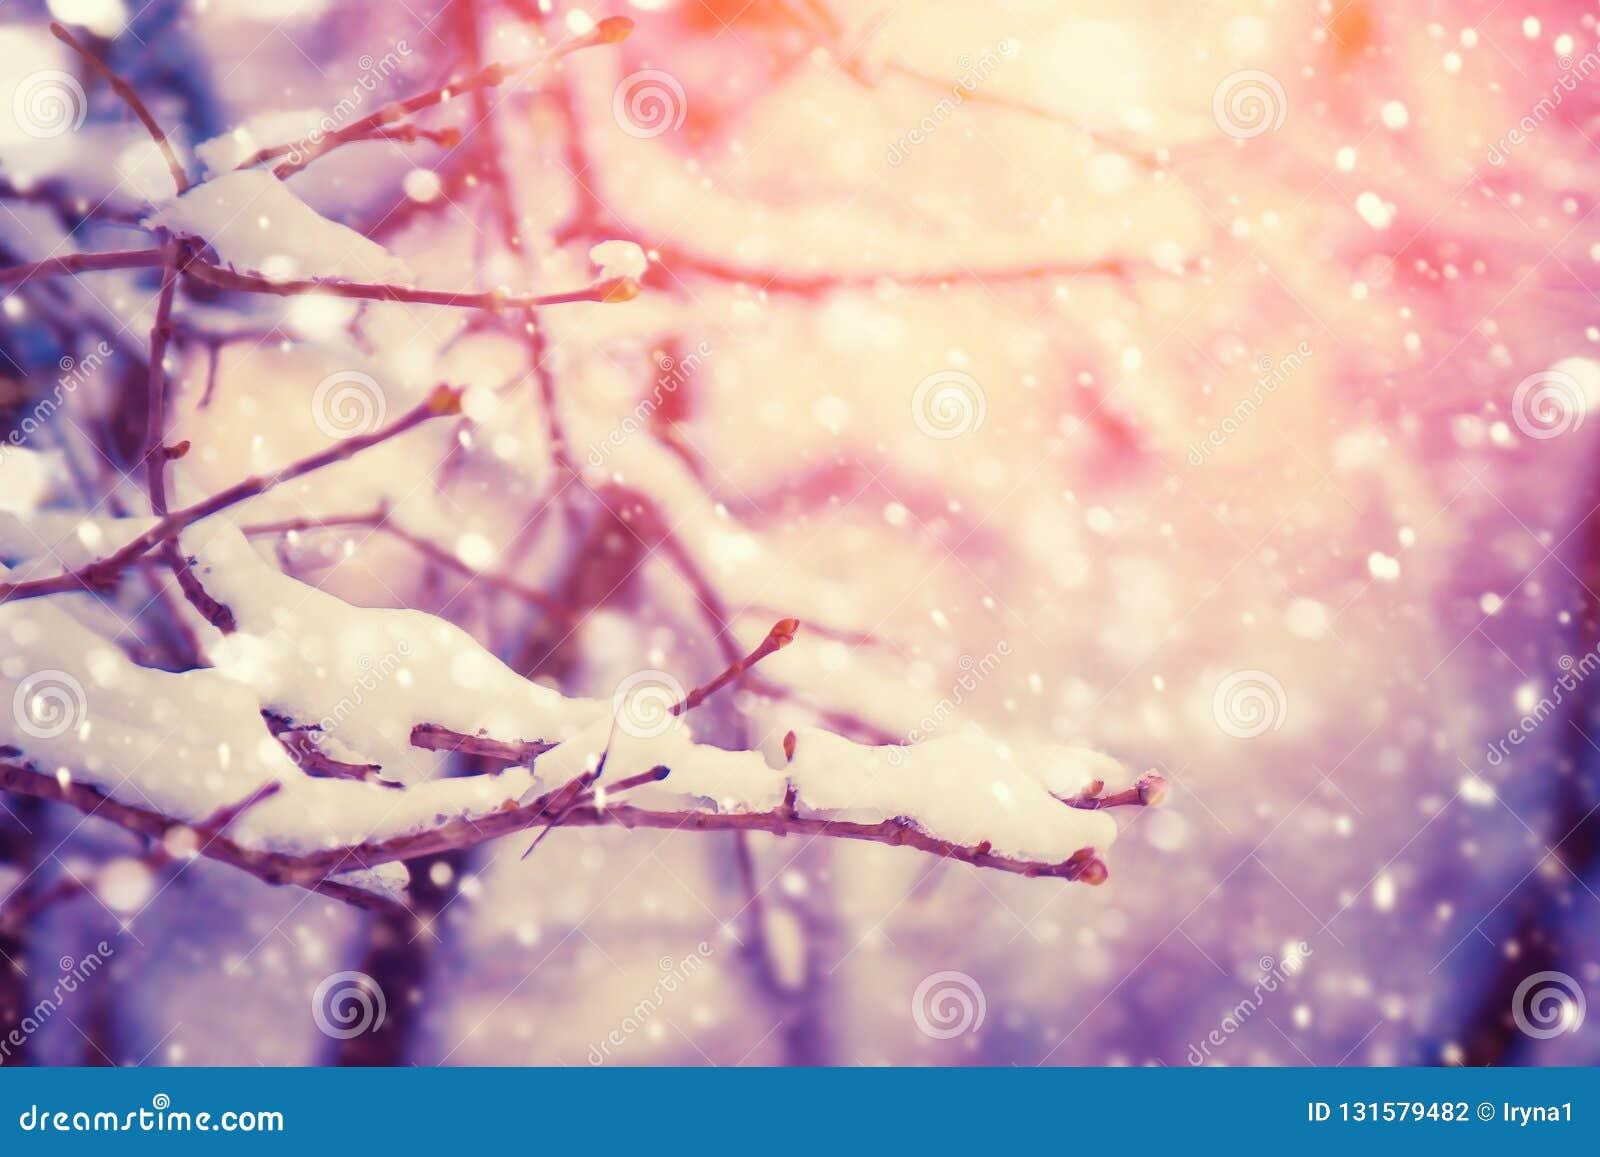 Ramo di albero coperto di neve Fondo della natura di inverno con sole